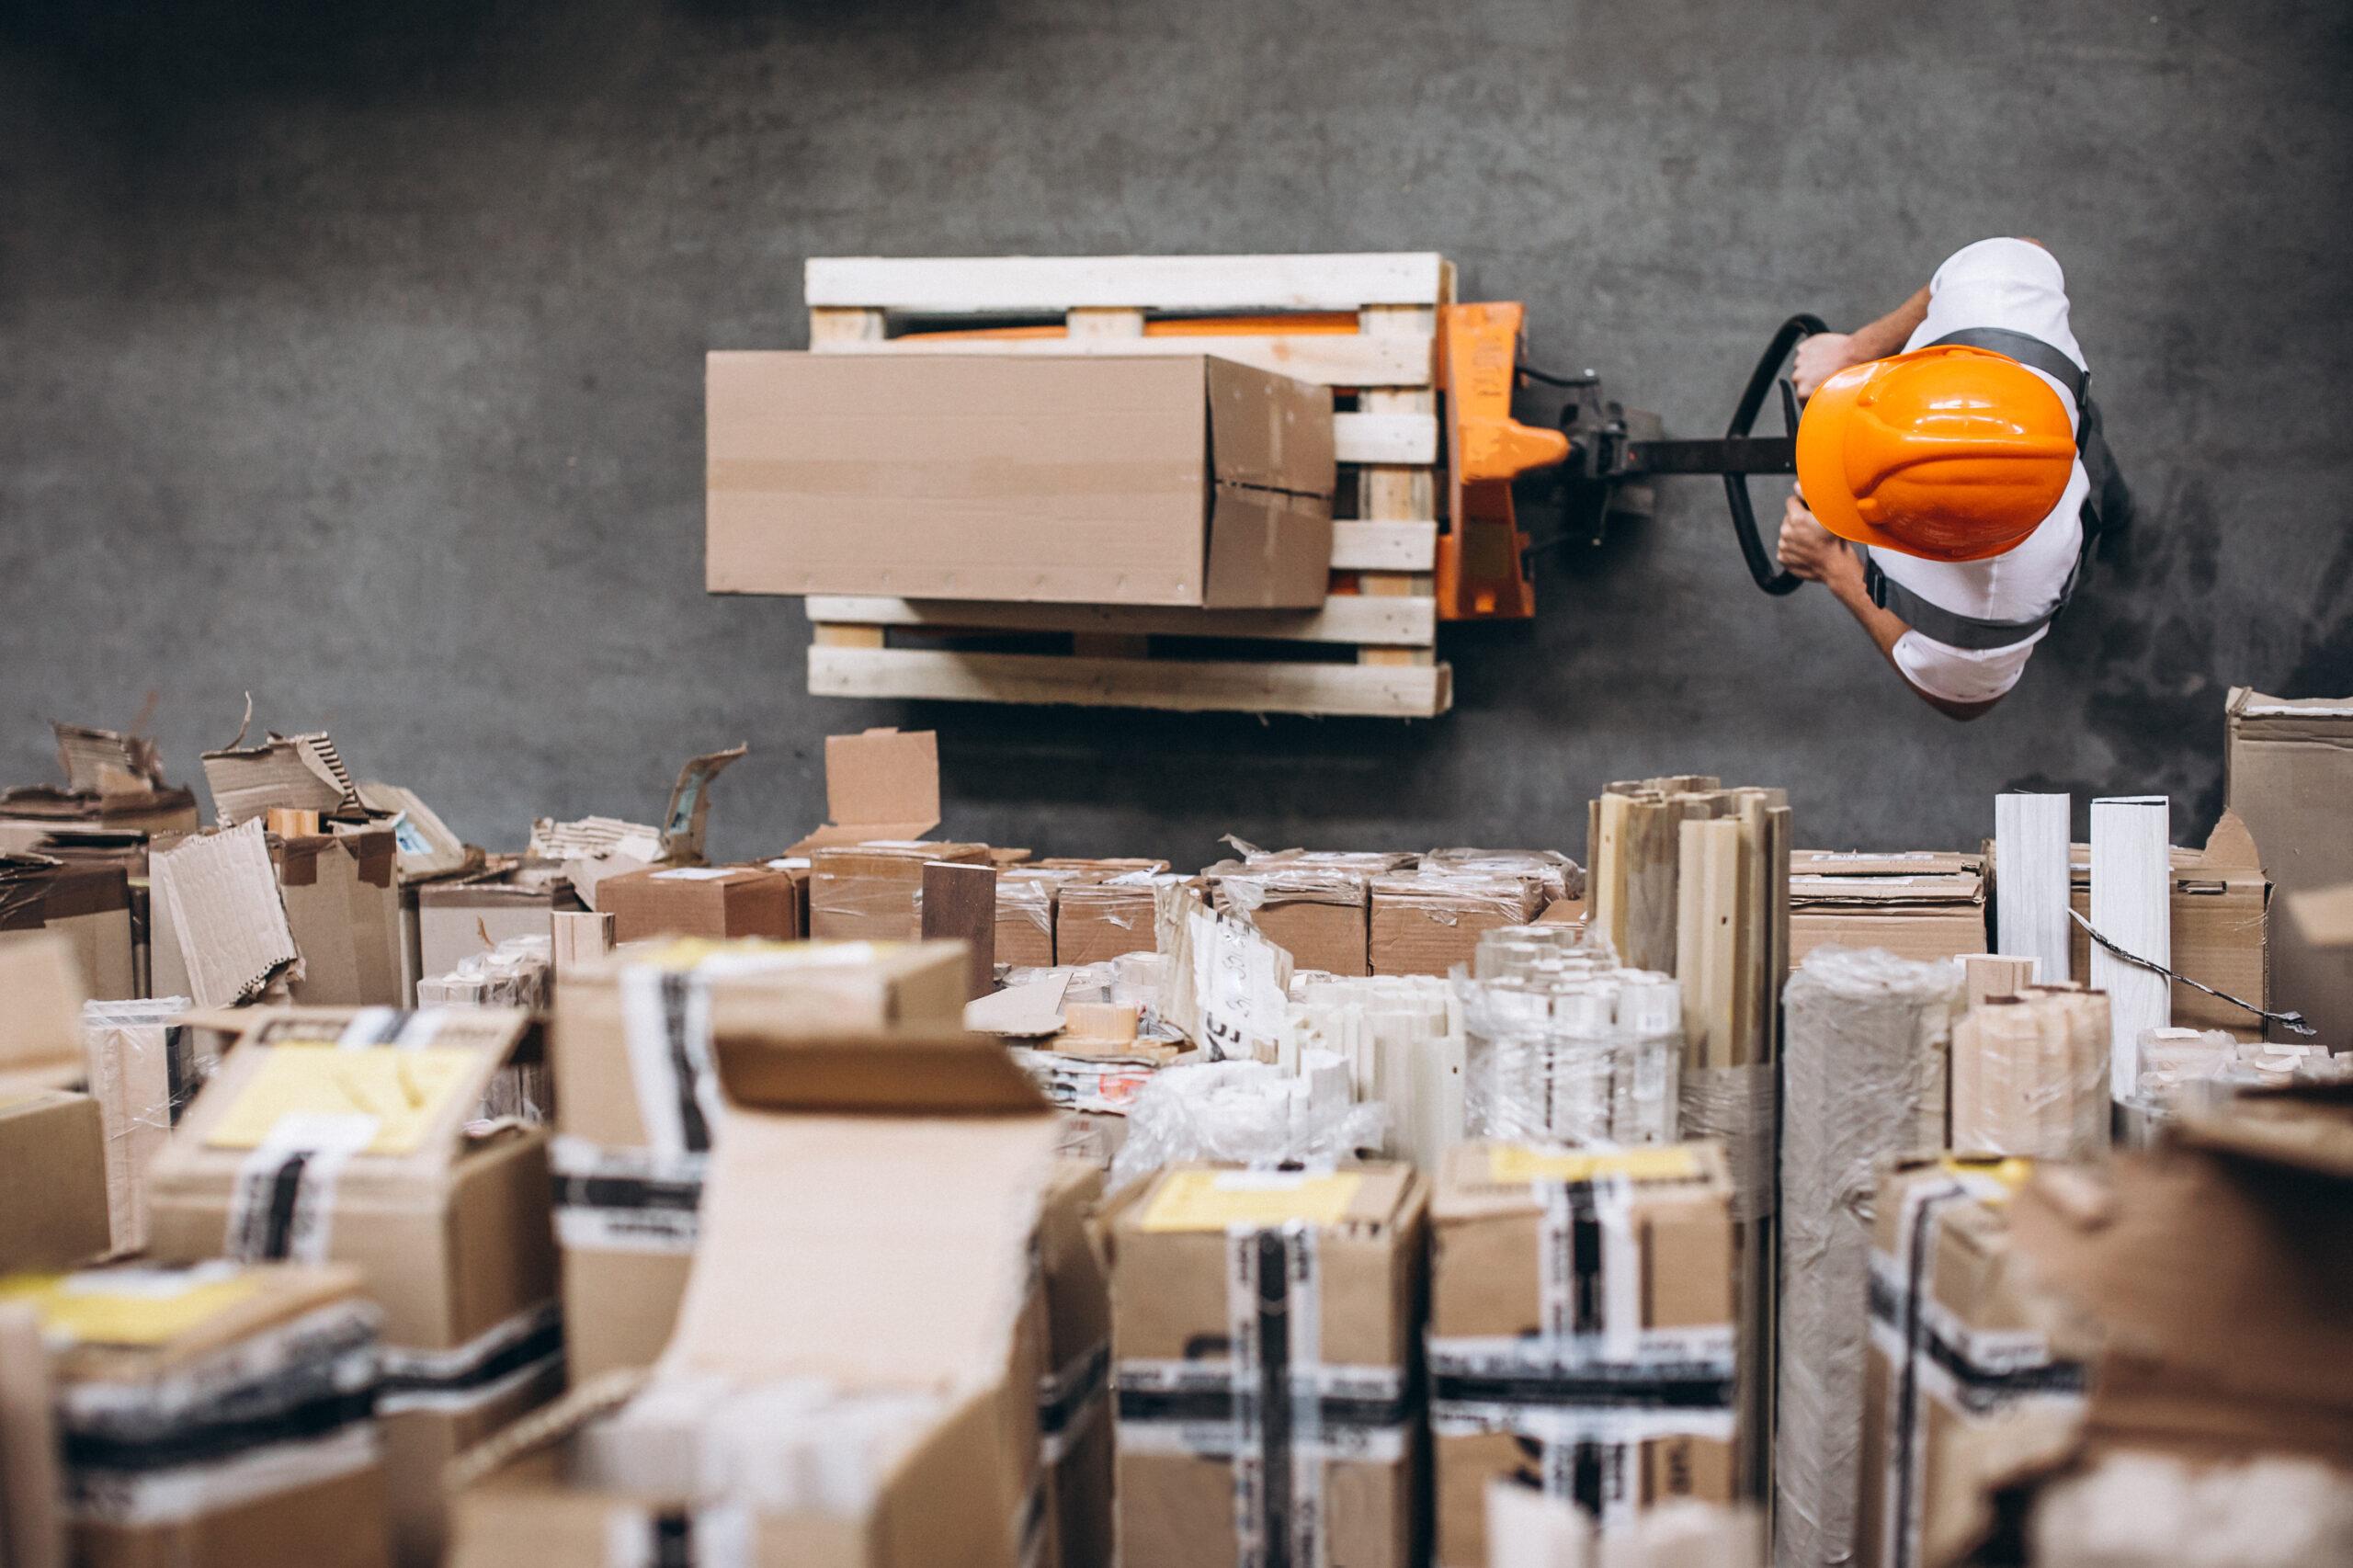 Por que é importante investir na estruturação de carga e descarga dentro da indústria?